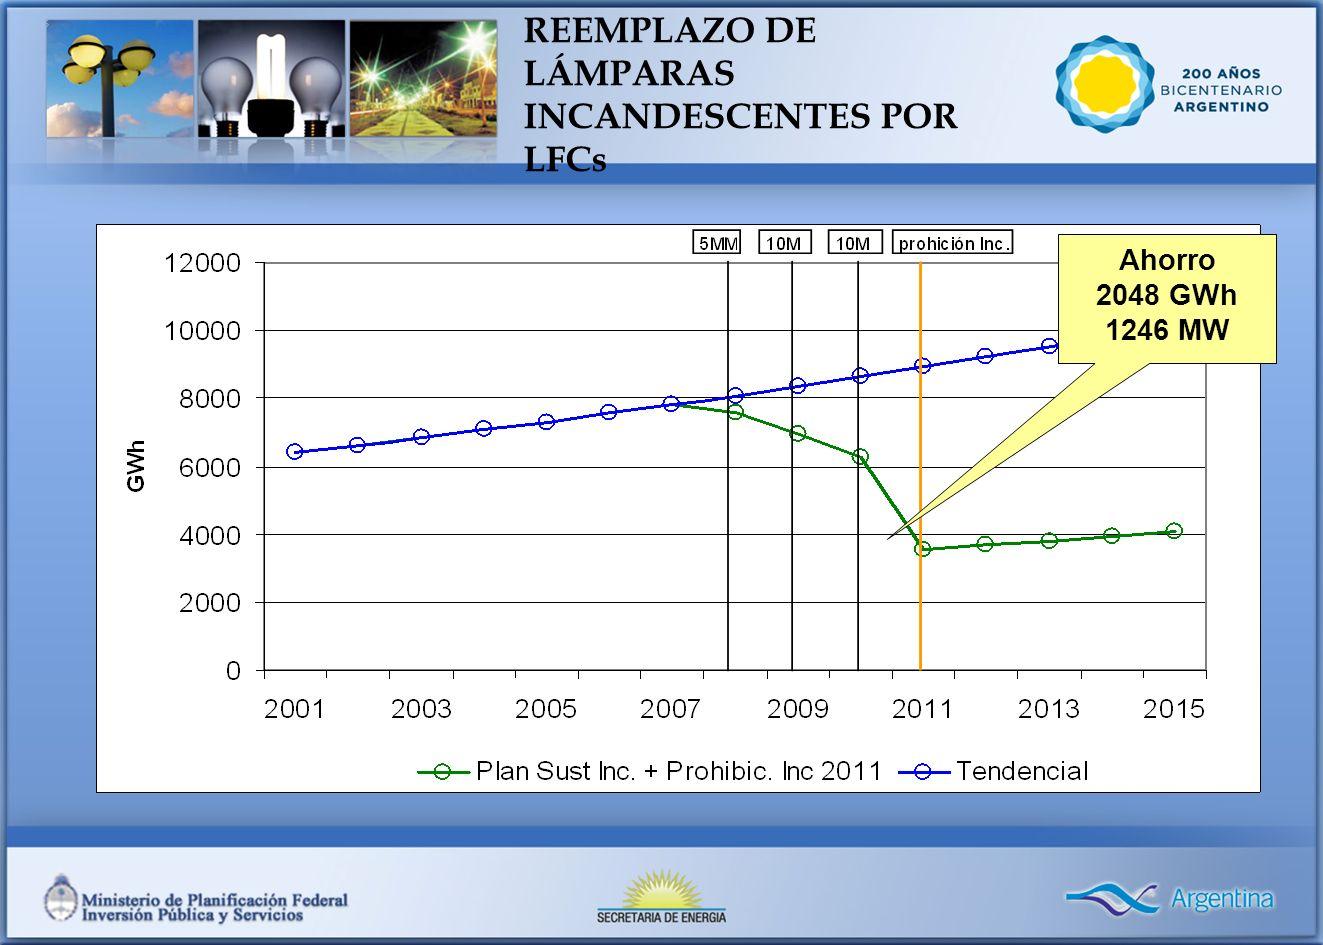 PROGRAMA DE REEMPLAZO DE LÁMPARAS INCANDESCENTES POR LFCs Ahorro 2048 GWh 1246 MW